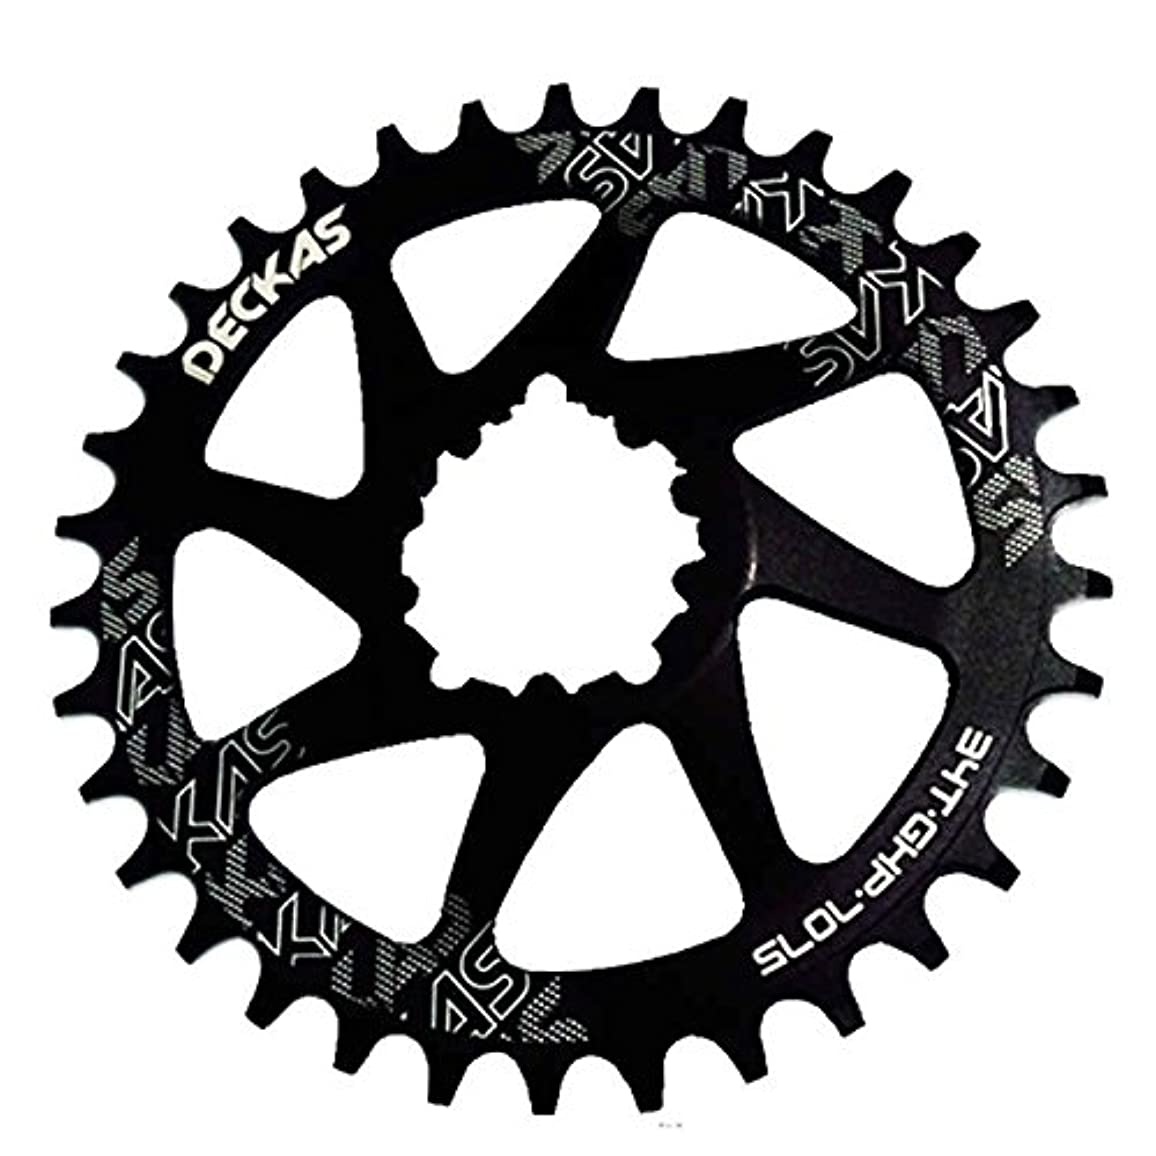 スープ選挙スケジュールPropenary - GXP bicycle crankset Al 7075 CNC32T 34T Narrow Wide Chainring Chainwheel for Sram XX1 XO1 X1 GX XO...